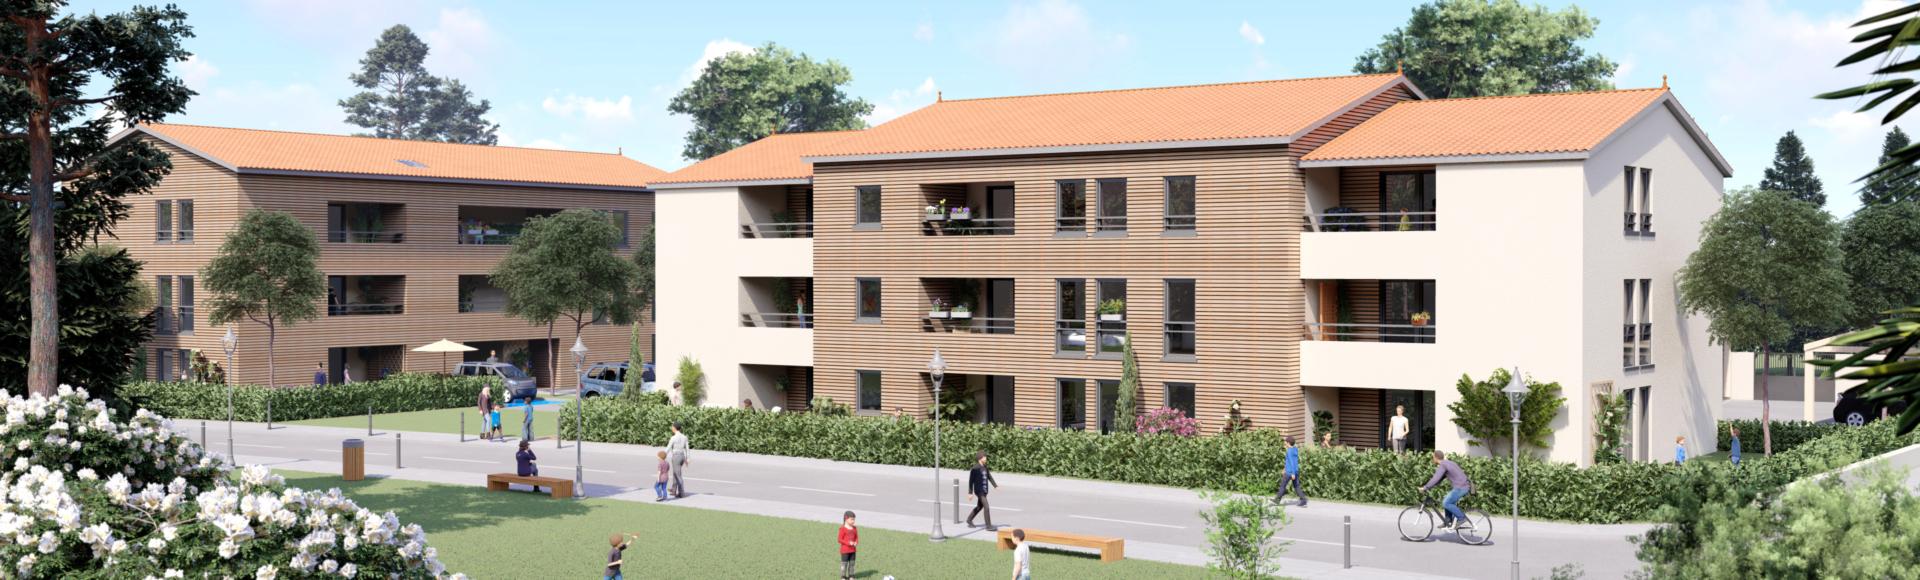 Perspective immobilière - deux immeubles de logements collectifs